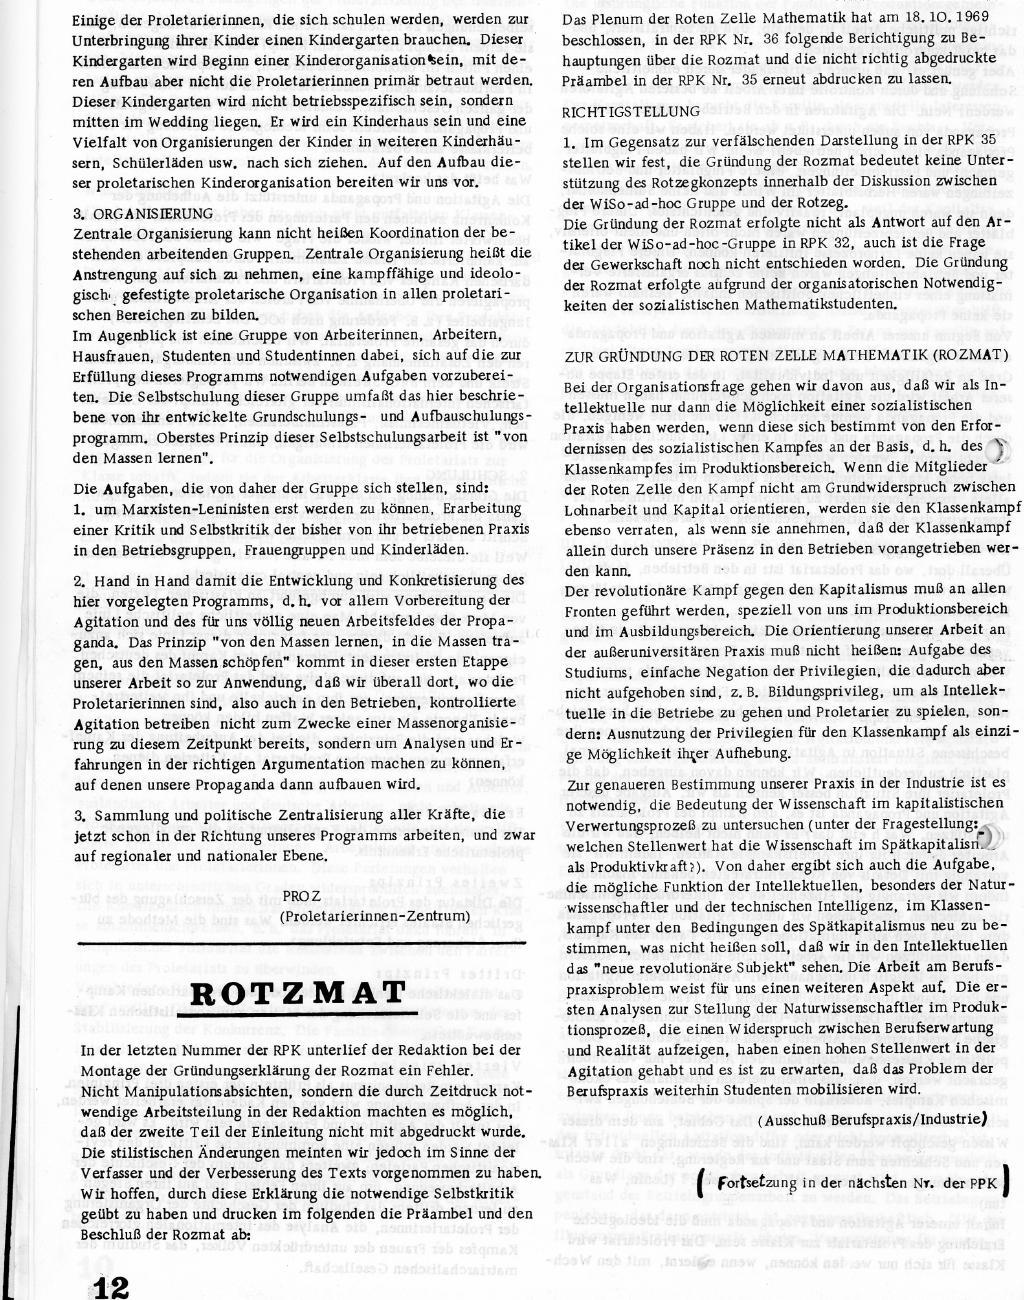 RPK_1969_036_12